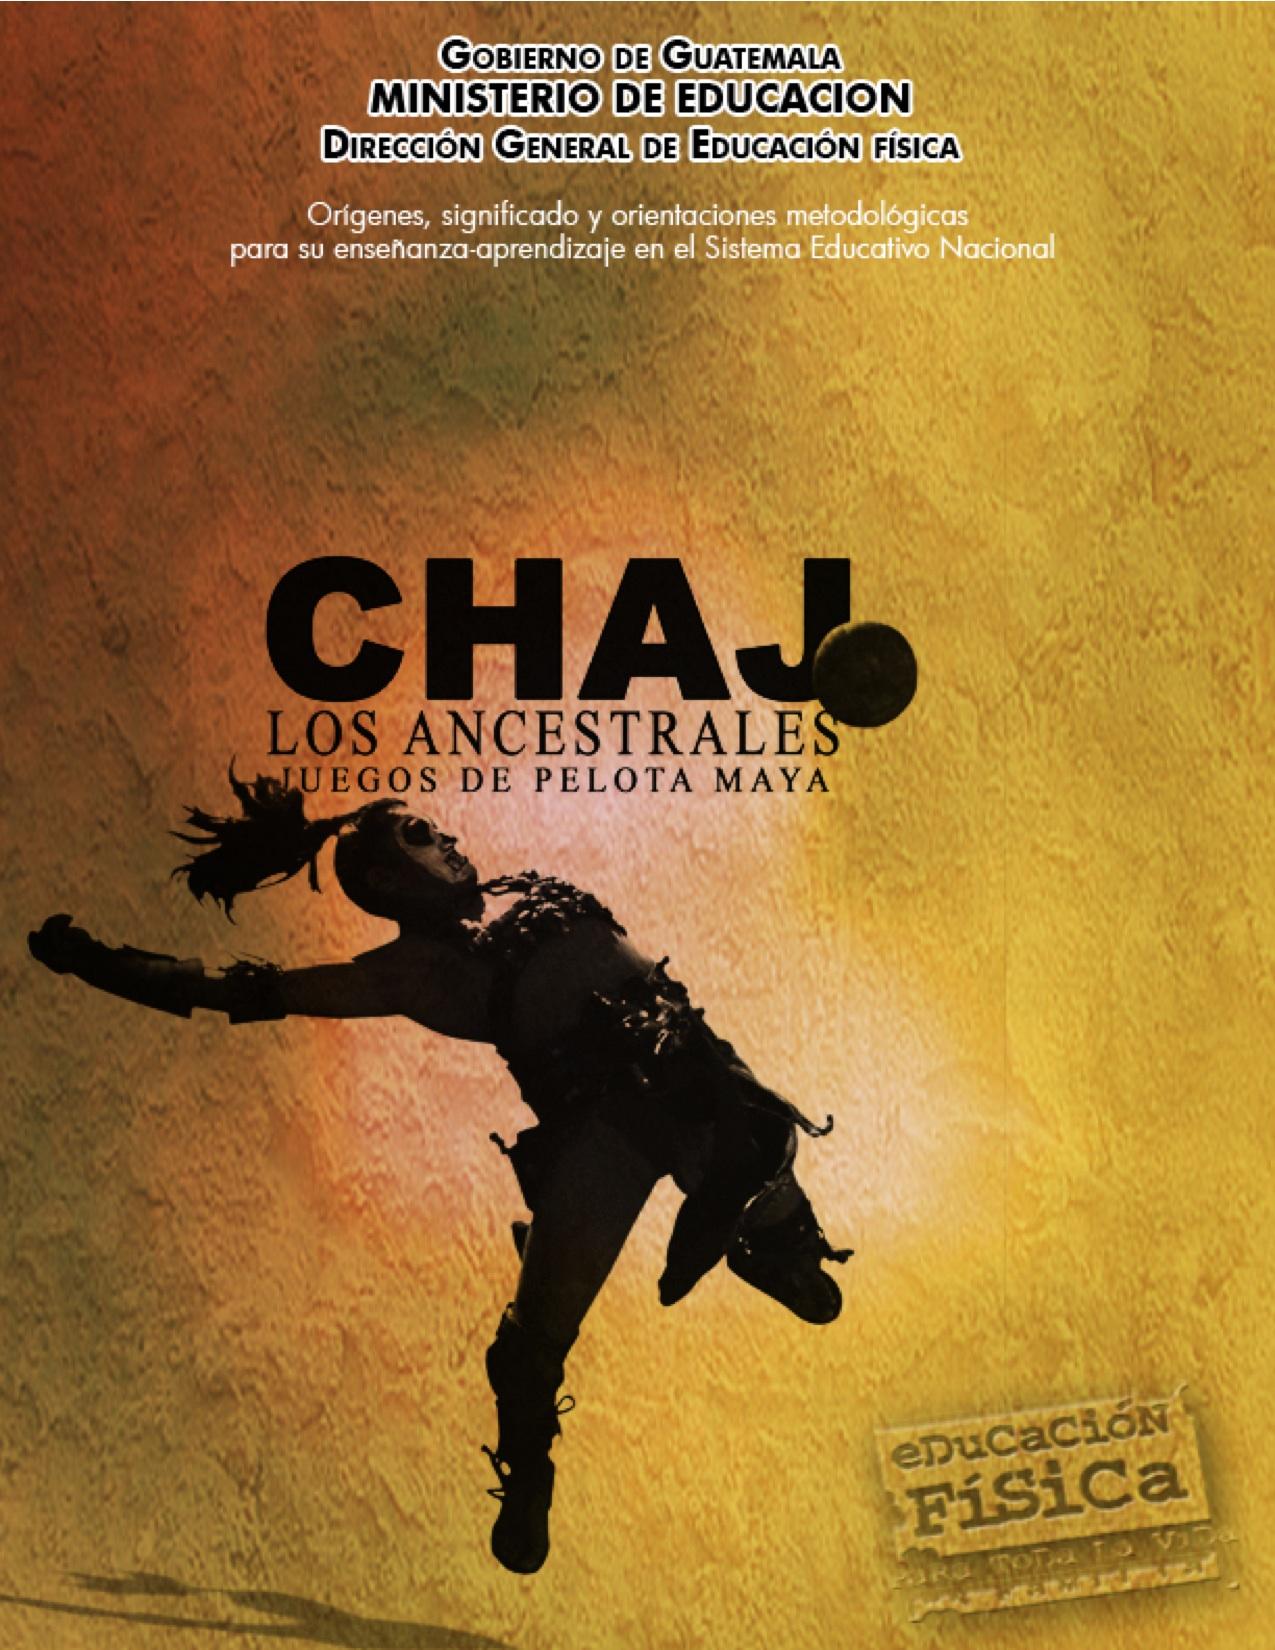 Chaj, los ancestrales juegos de pelota maya